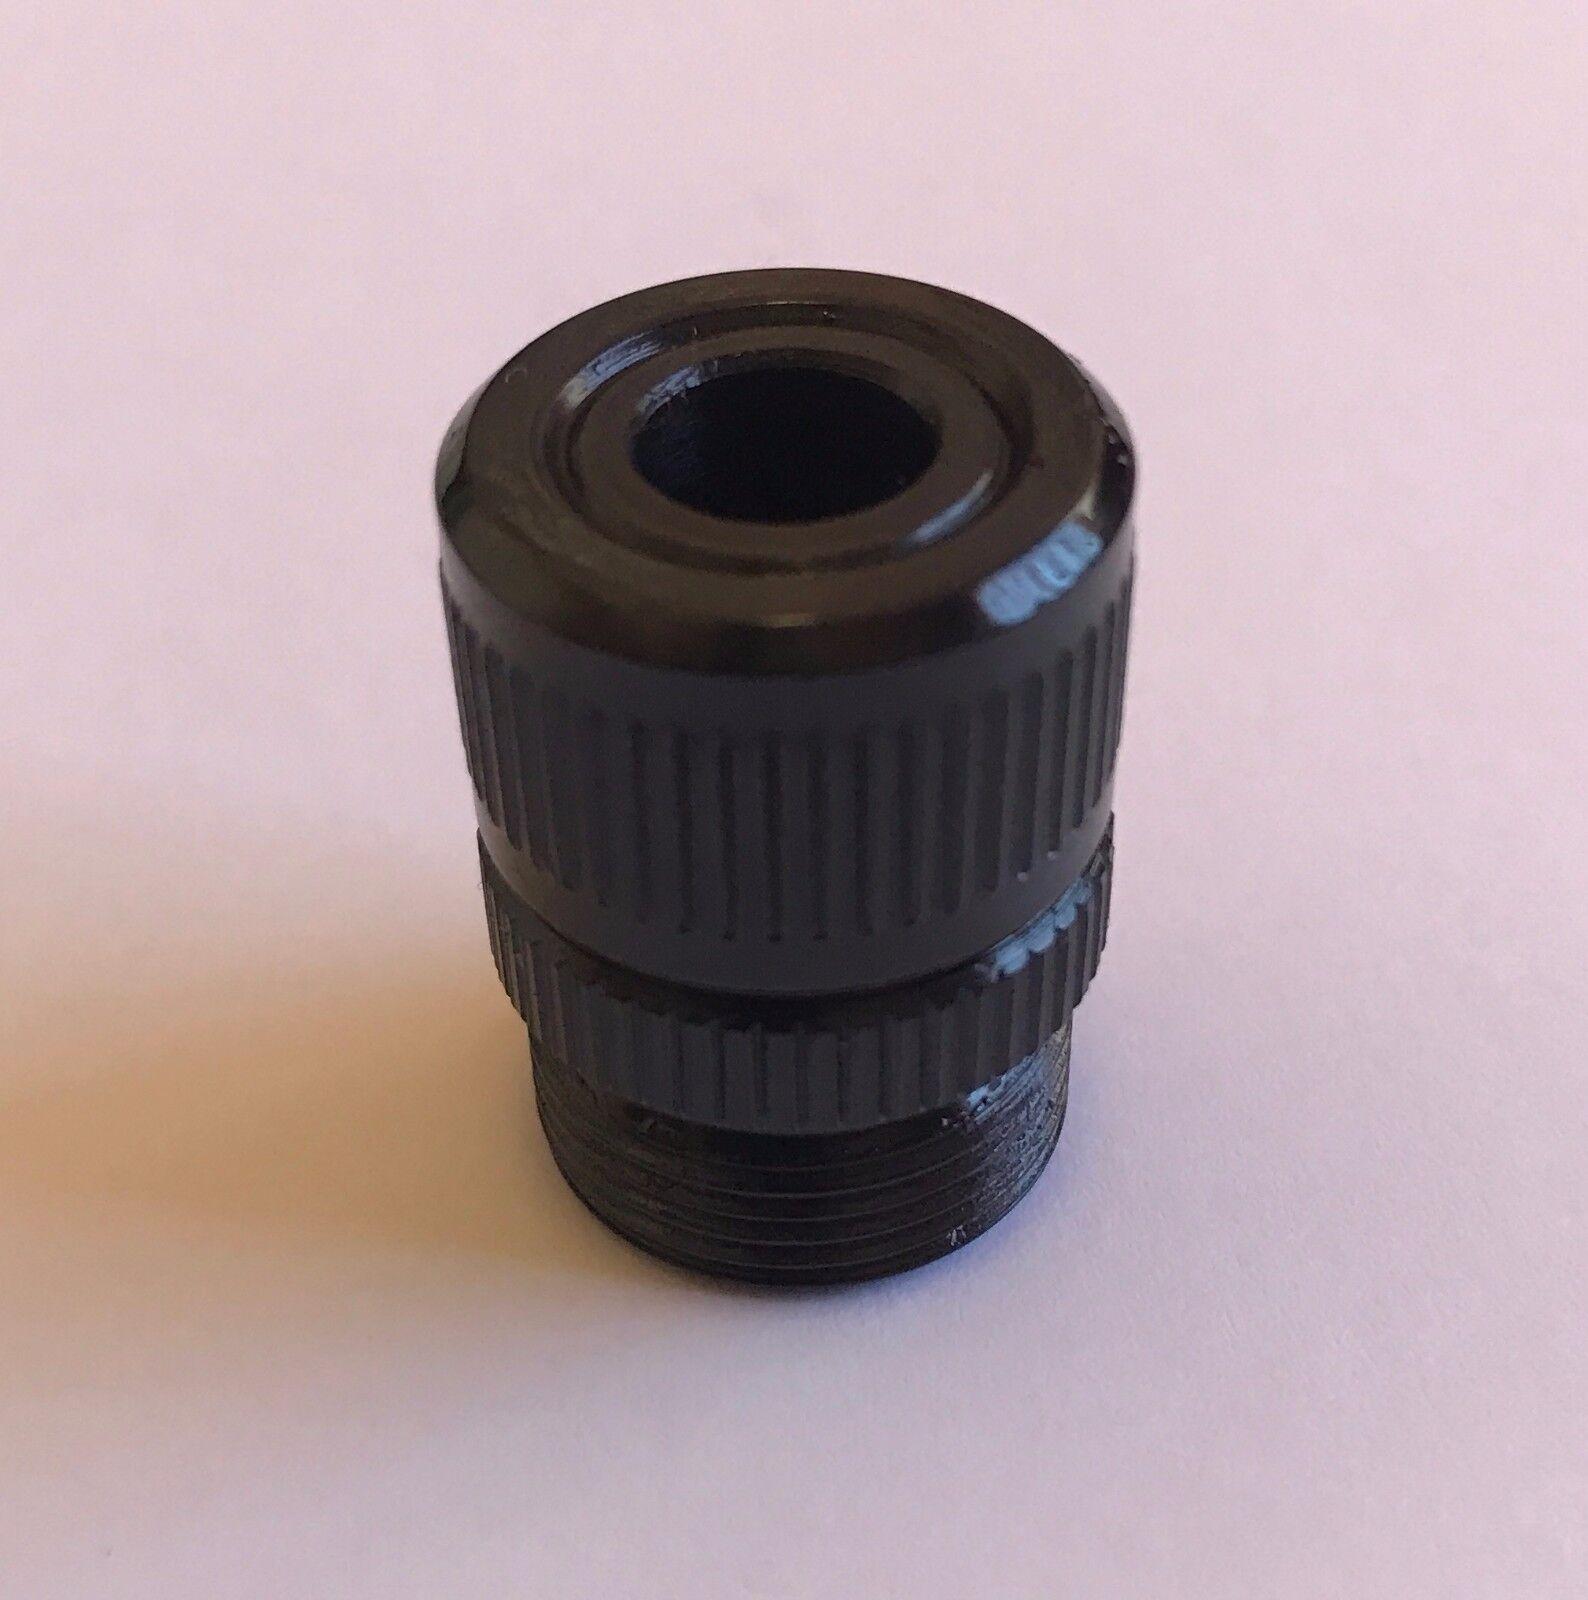 Benjamin Marauder Pistol (P-Rod) Silencer Adapter 1/2-28